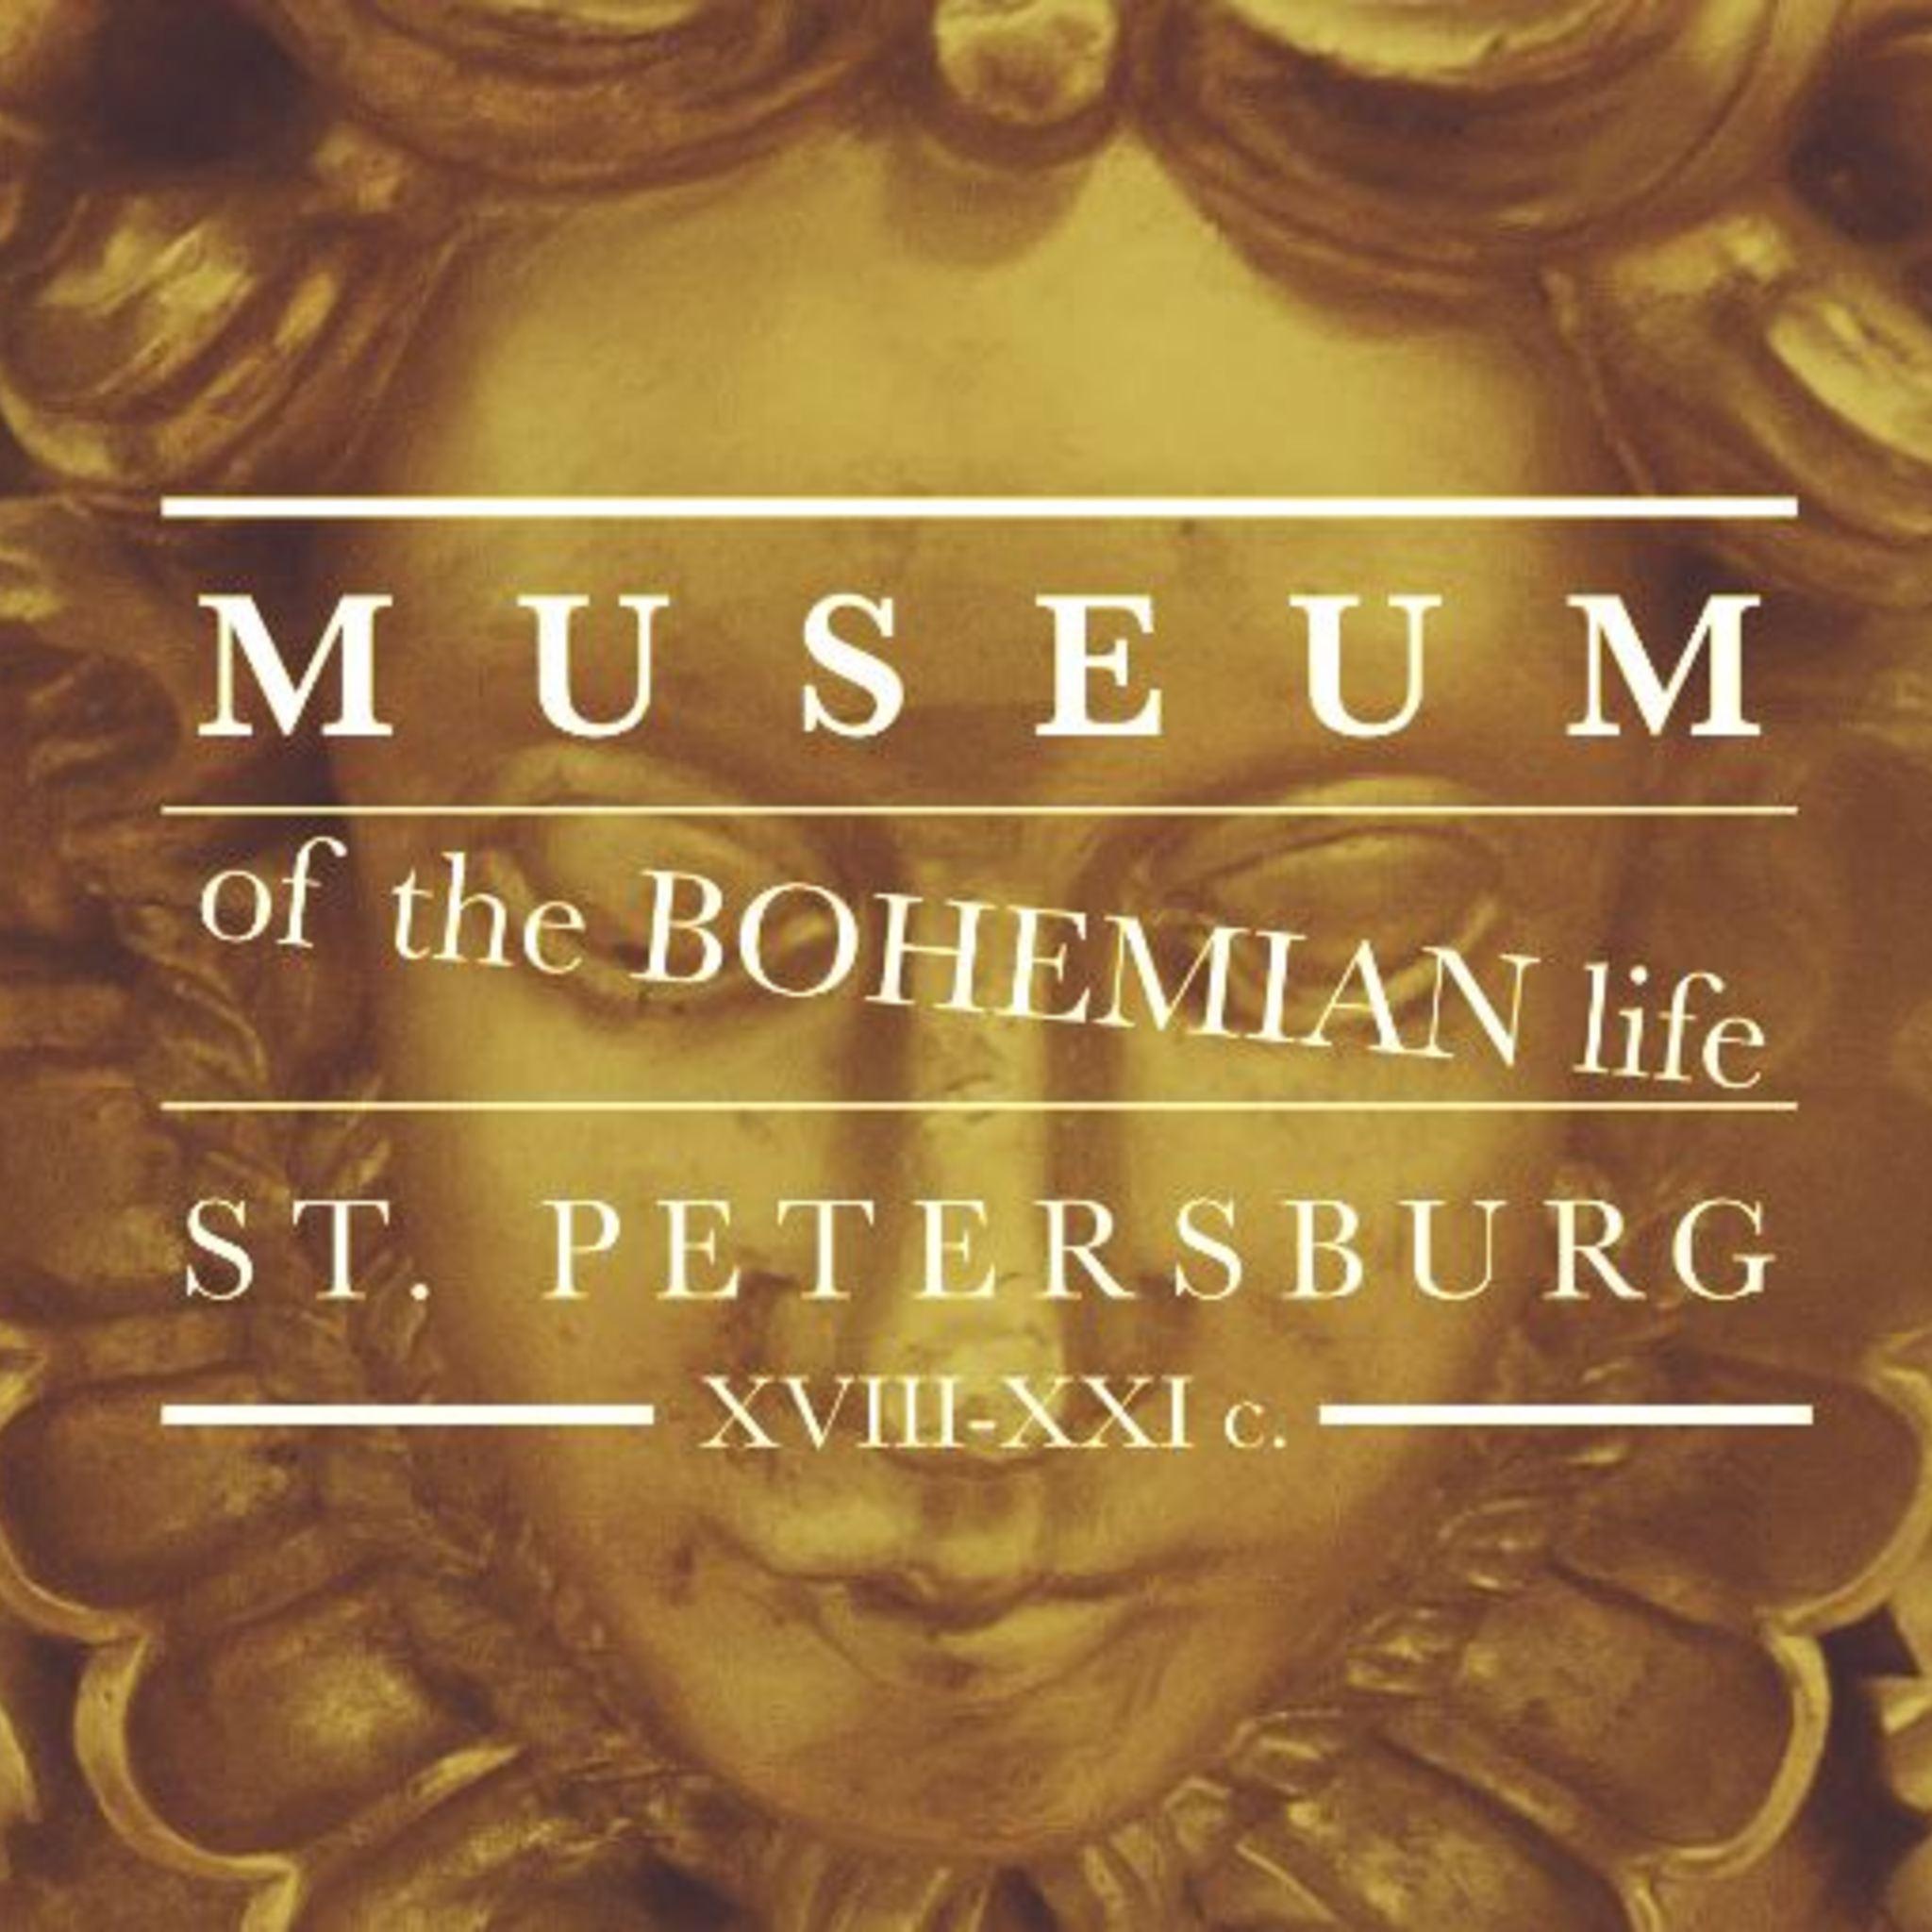 Museum of Bohemian life in St. Petersburg